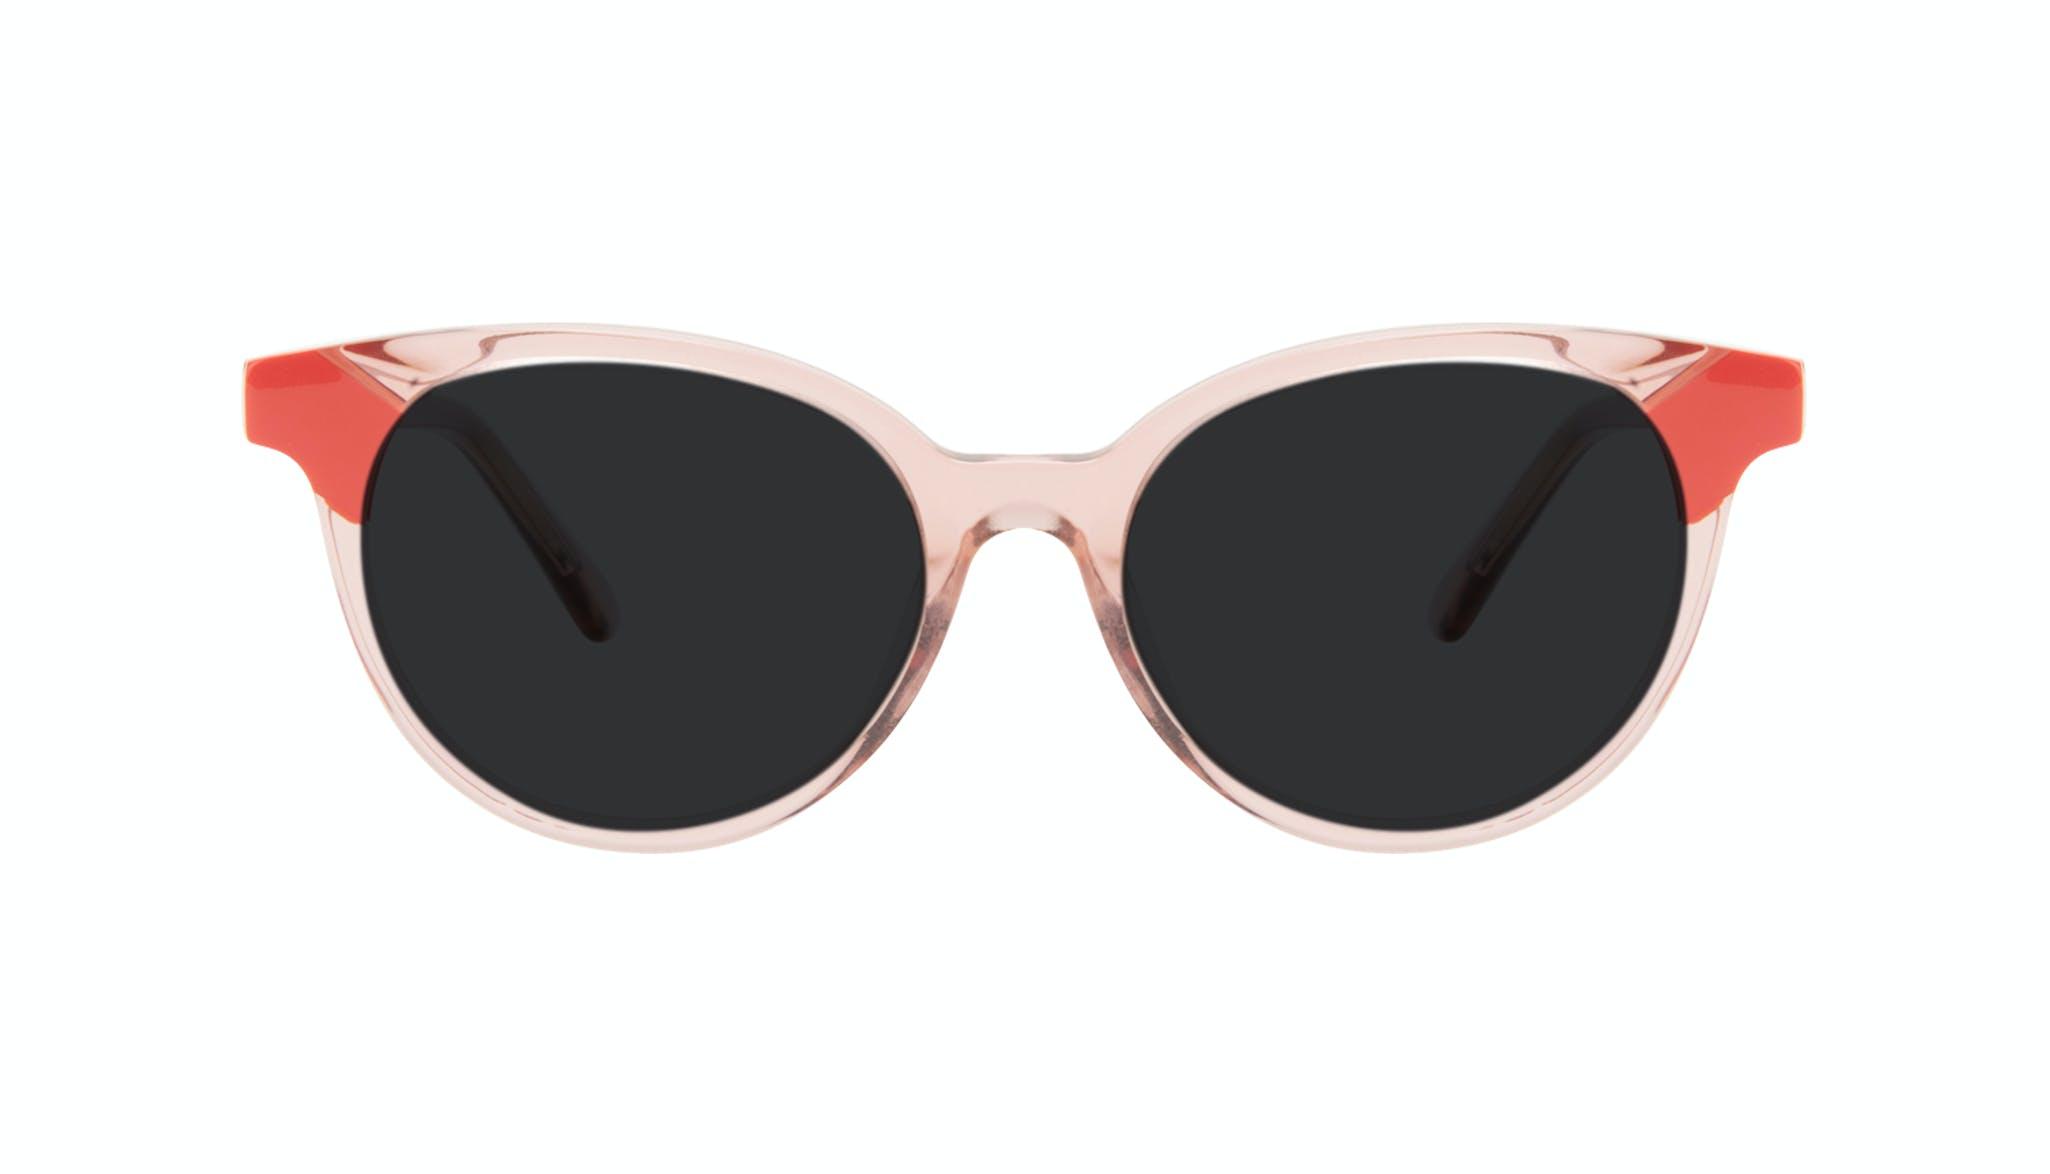 Lunettes tendance Ronde Lunettes de soleil Femmes Bright Pink Coral